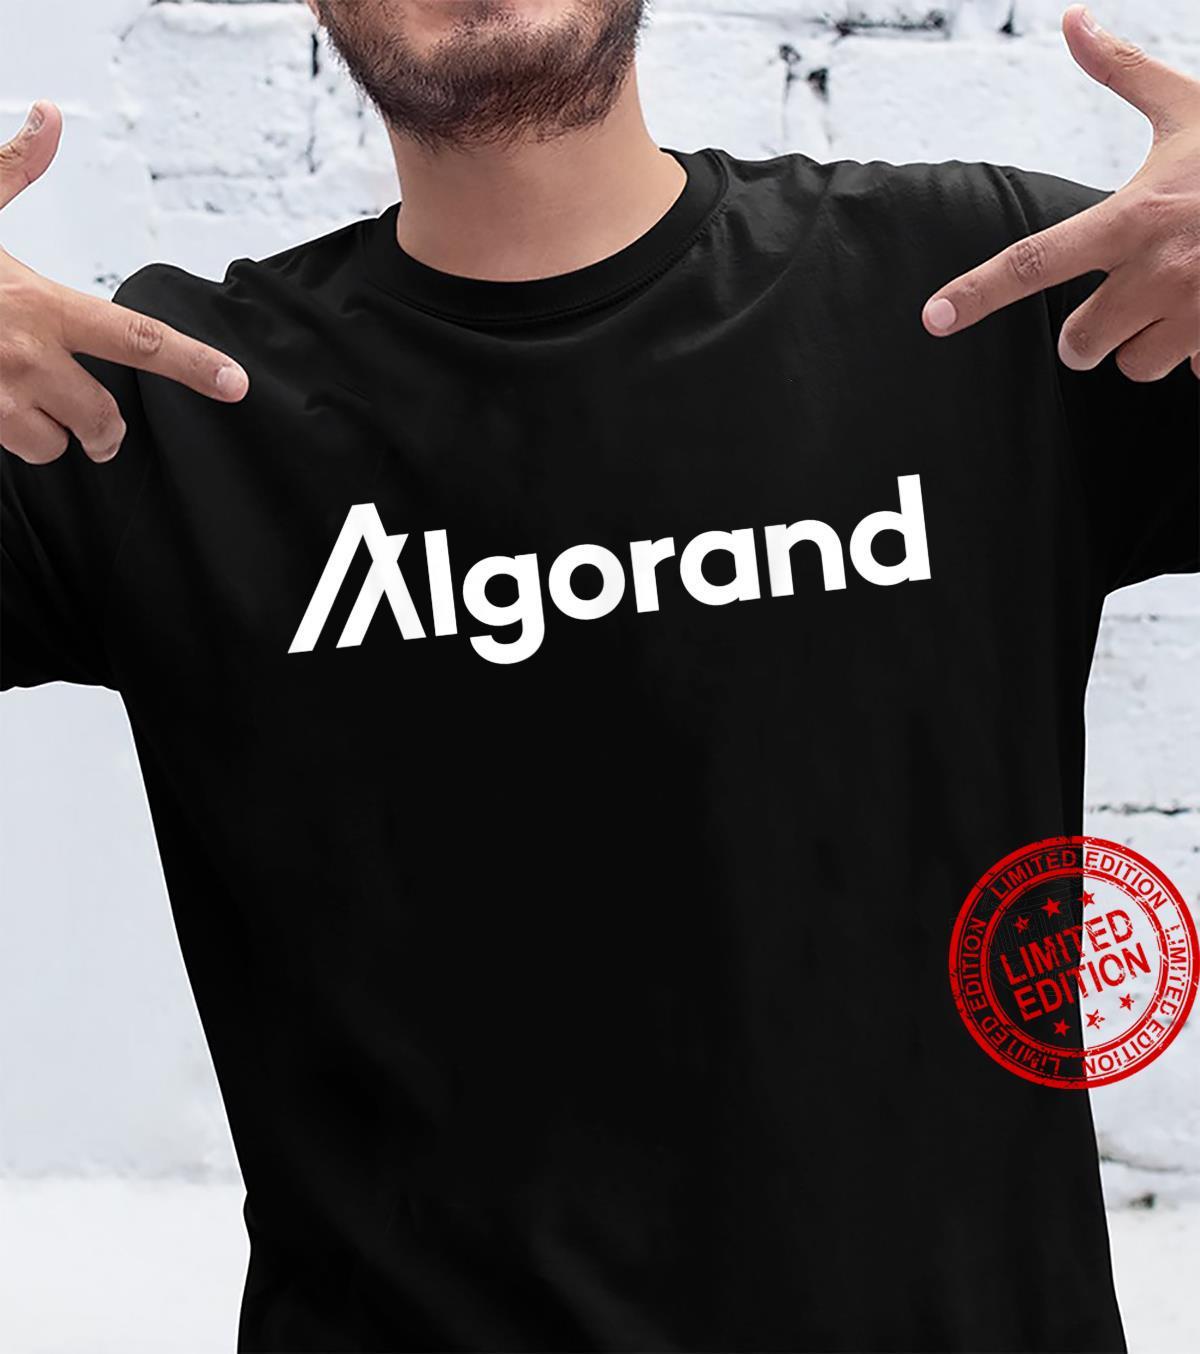 Algorand Shirt